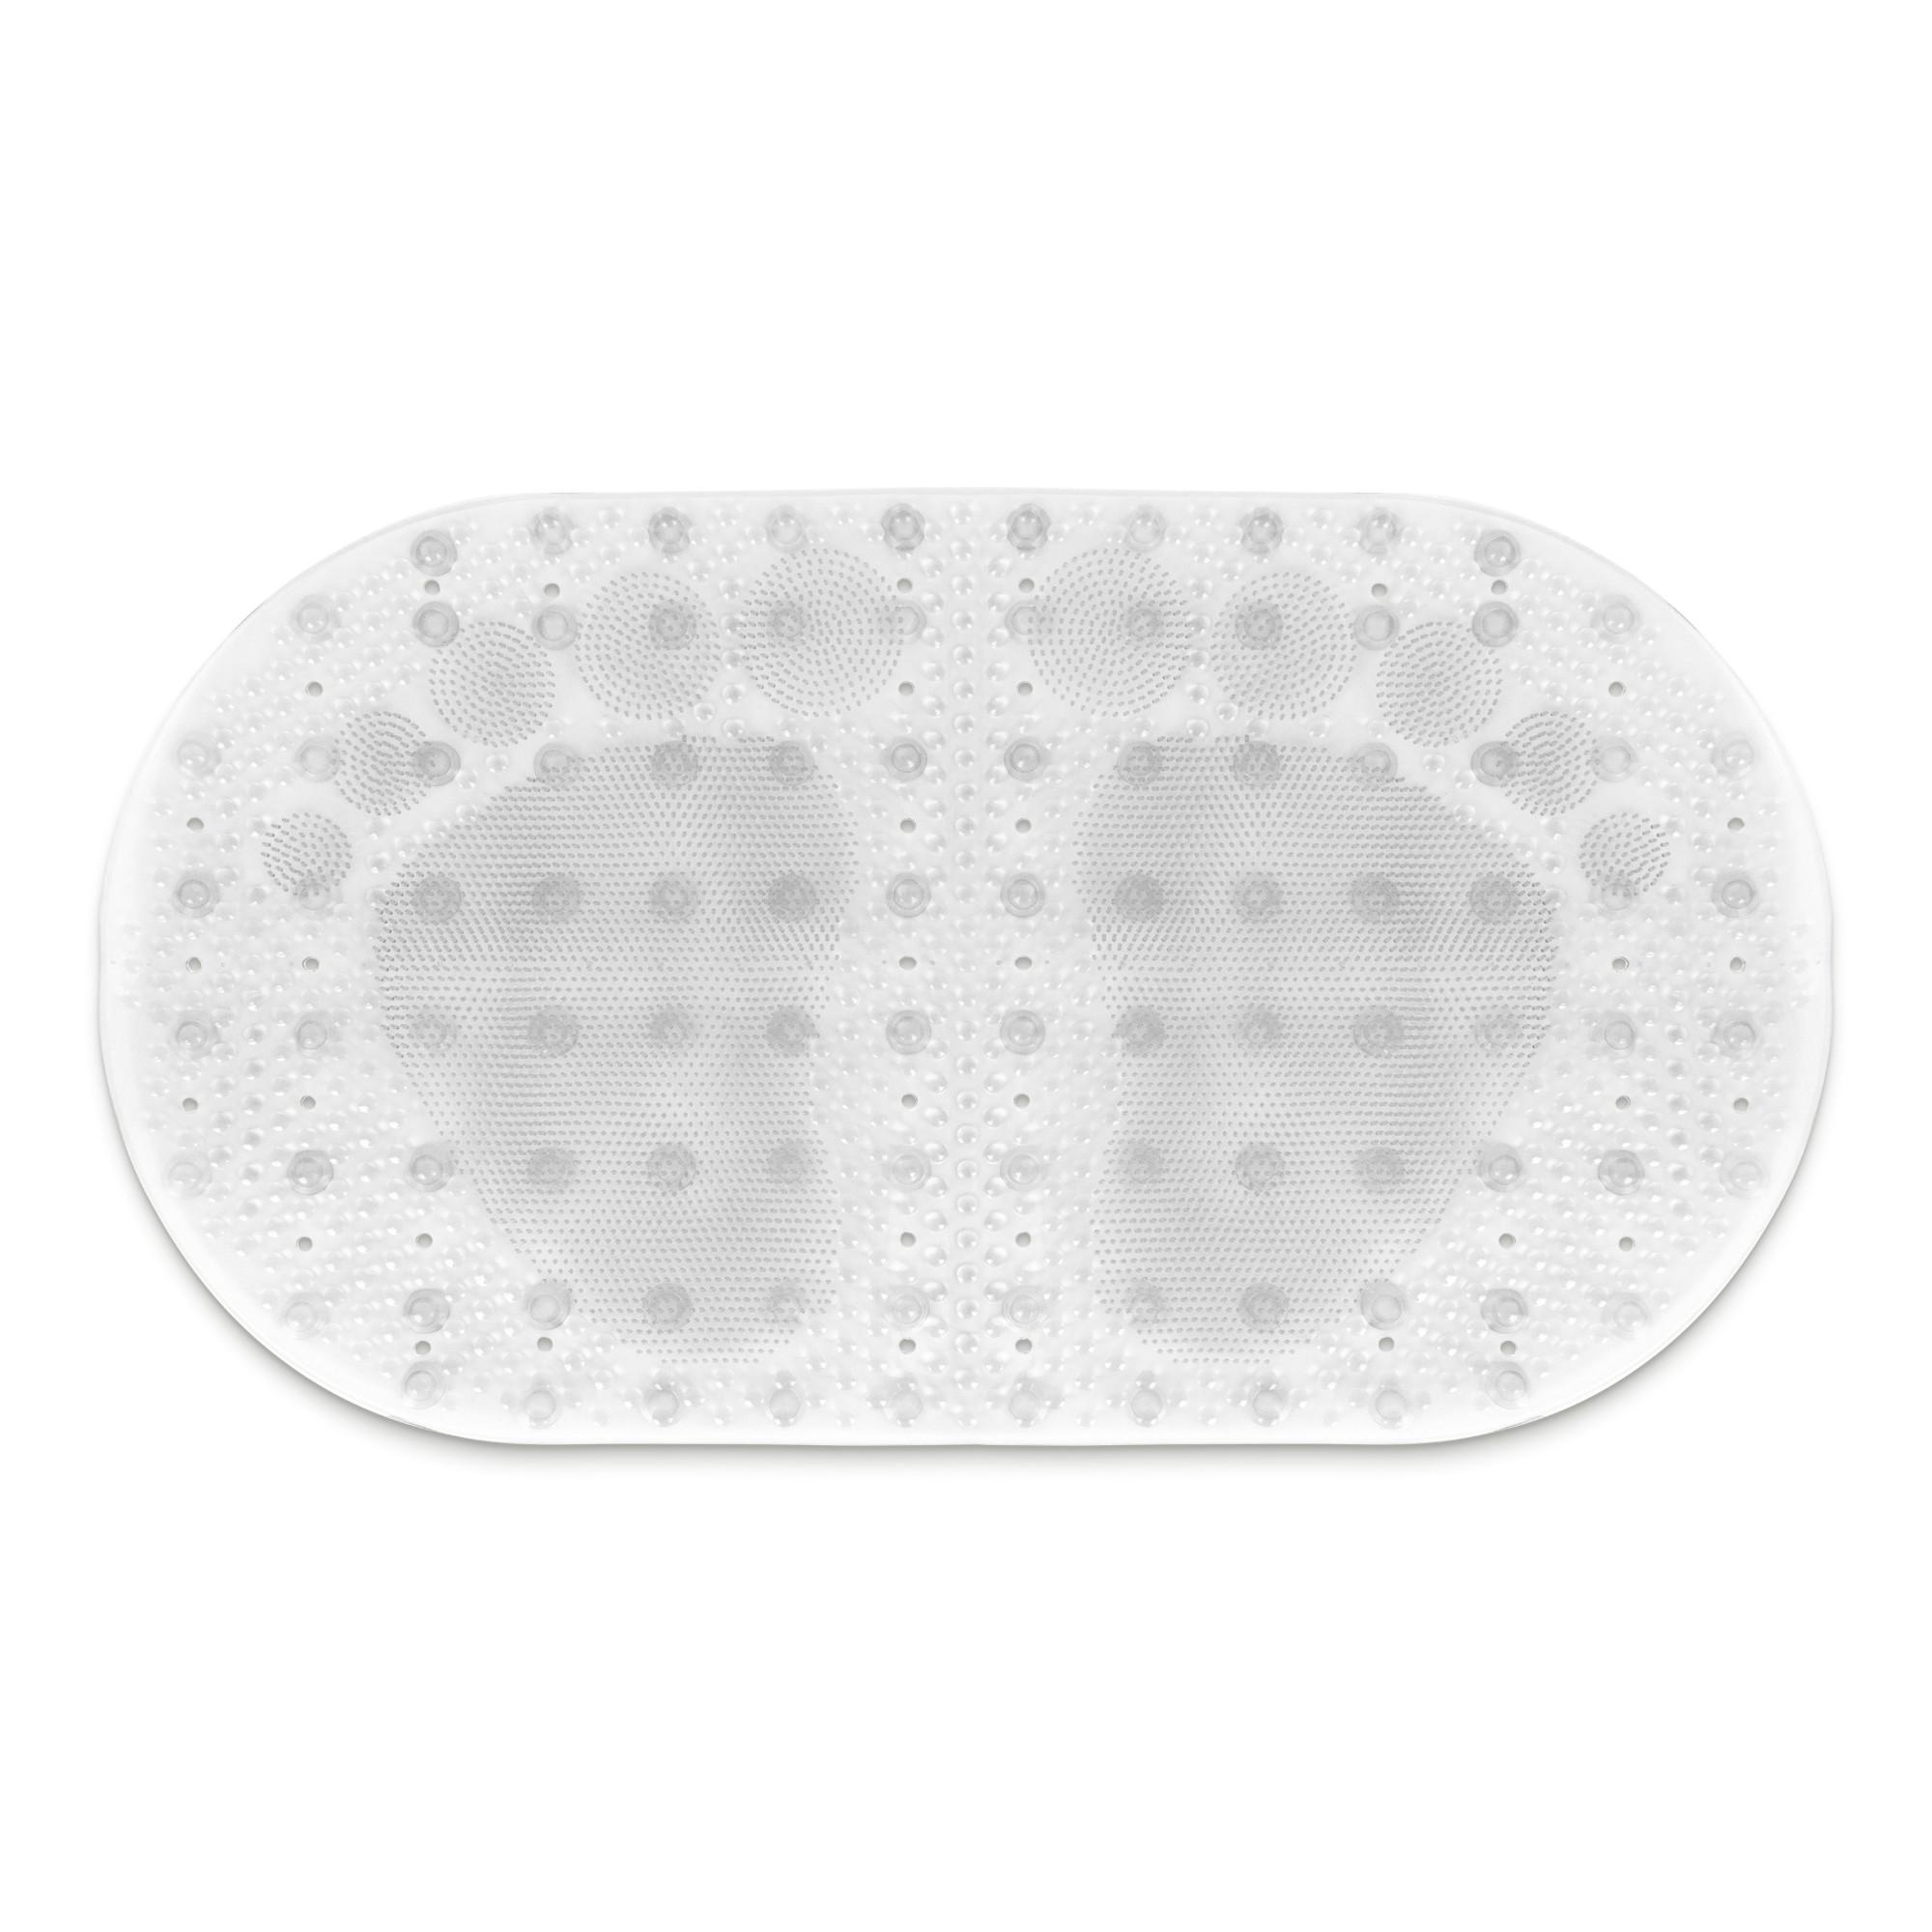 Tapete de Banheiro de PVC 69x39cm Transparente - Bianchini